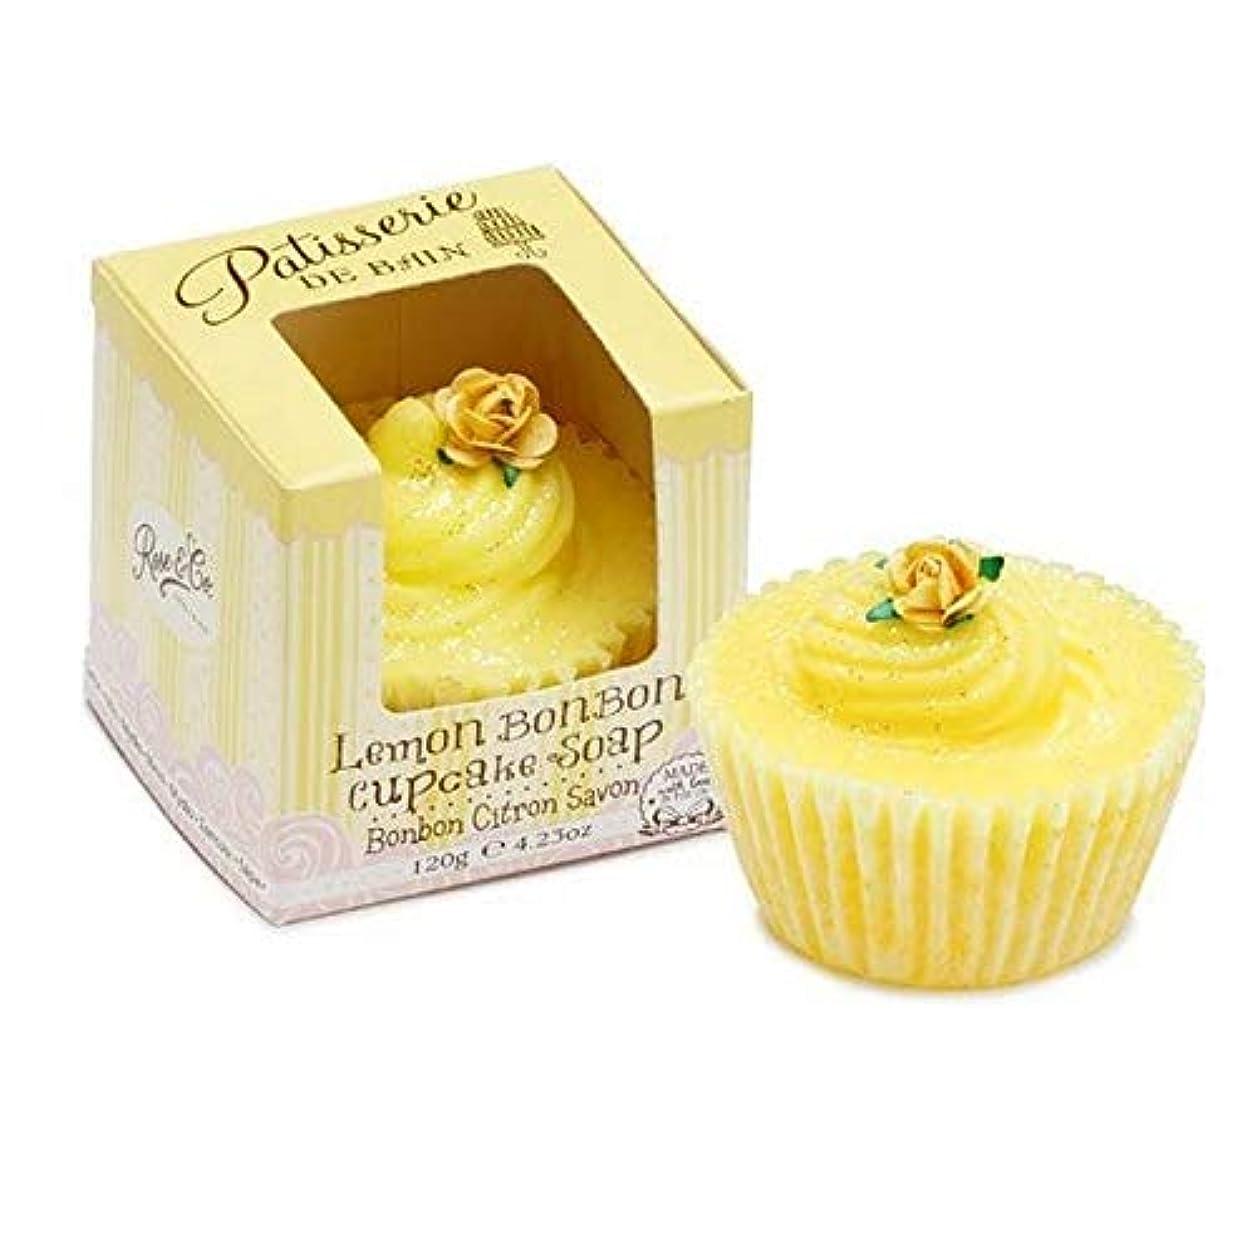 問い合わせ架空のスピリチュアル[Patisserie de Bain ] パティスリー?デ?ベインレモンボンボンカップケーキソープ120グラム - Patisserie de Bain Lemon Bon Bon Cupcake soap 120g...